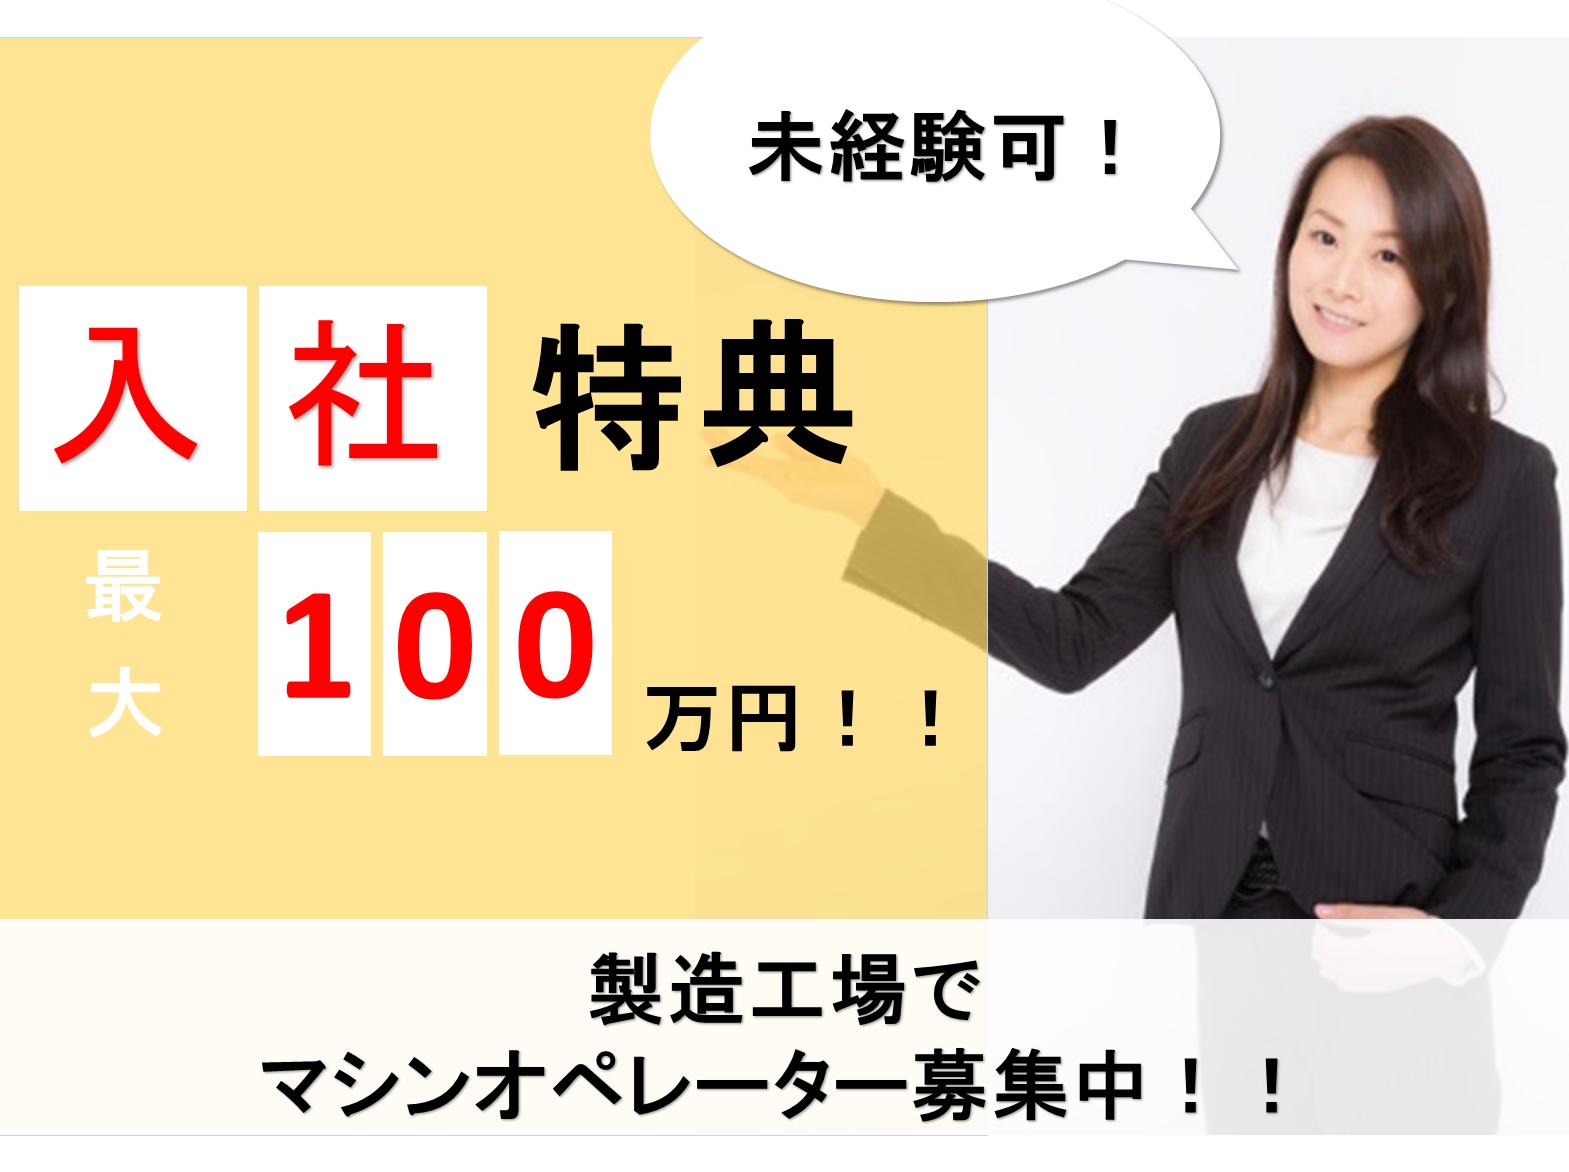 【入社特MAX100万円!!】未経験から月収30万円以上目指そう♪製造工場でマシンオペレーター(福井) イメージ